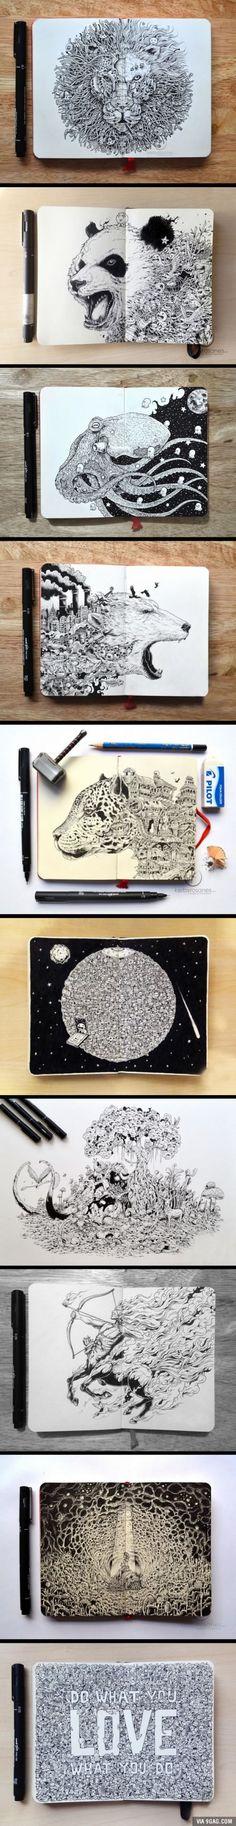 Hyperdetailed Drawings